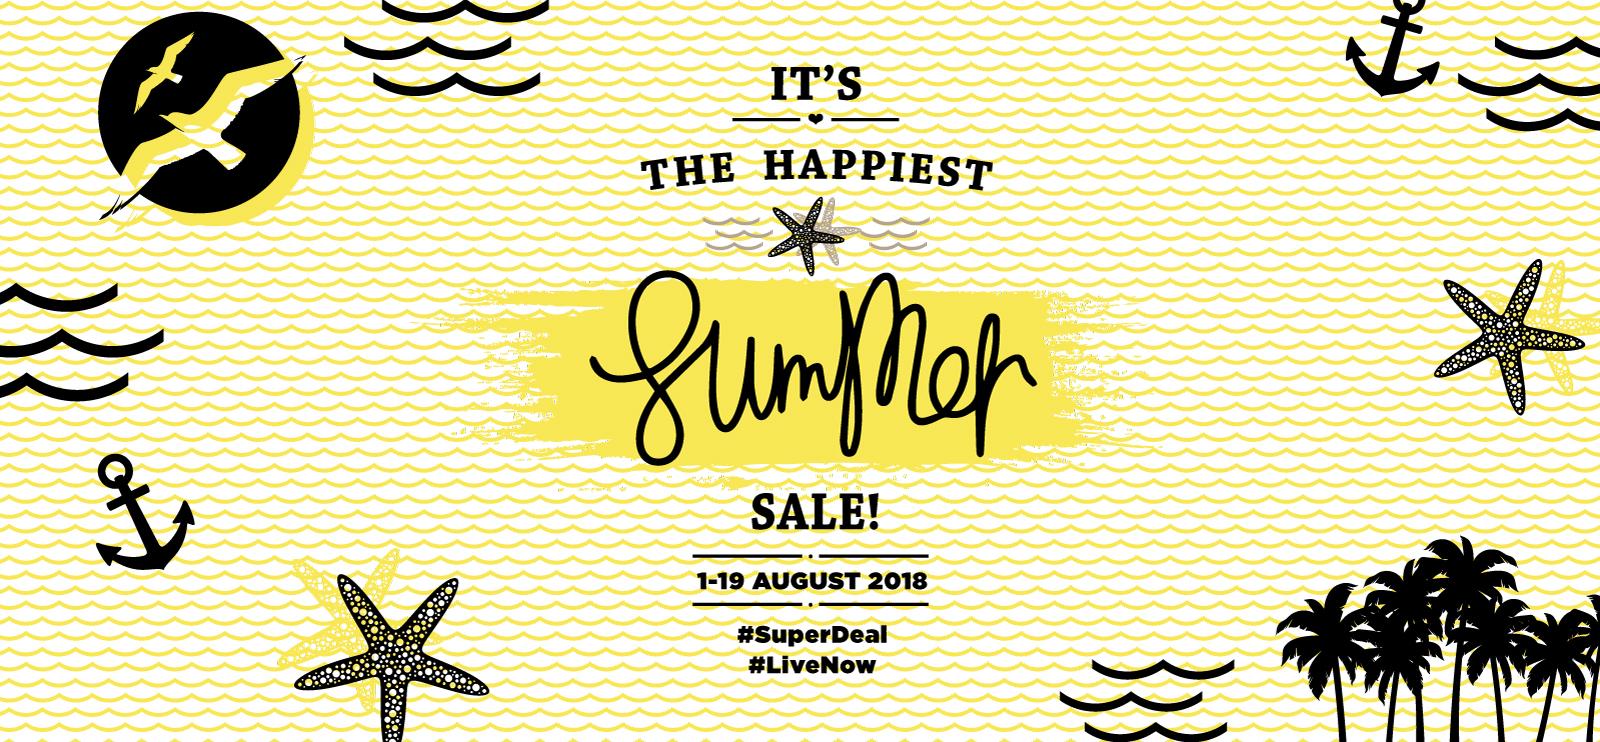 It's Summer Sale!